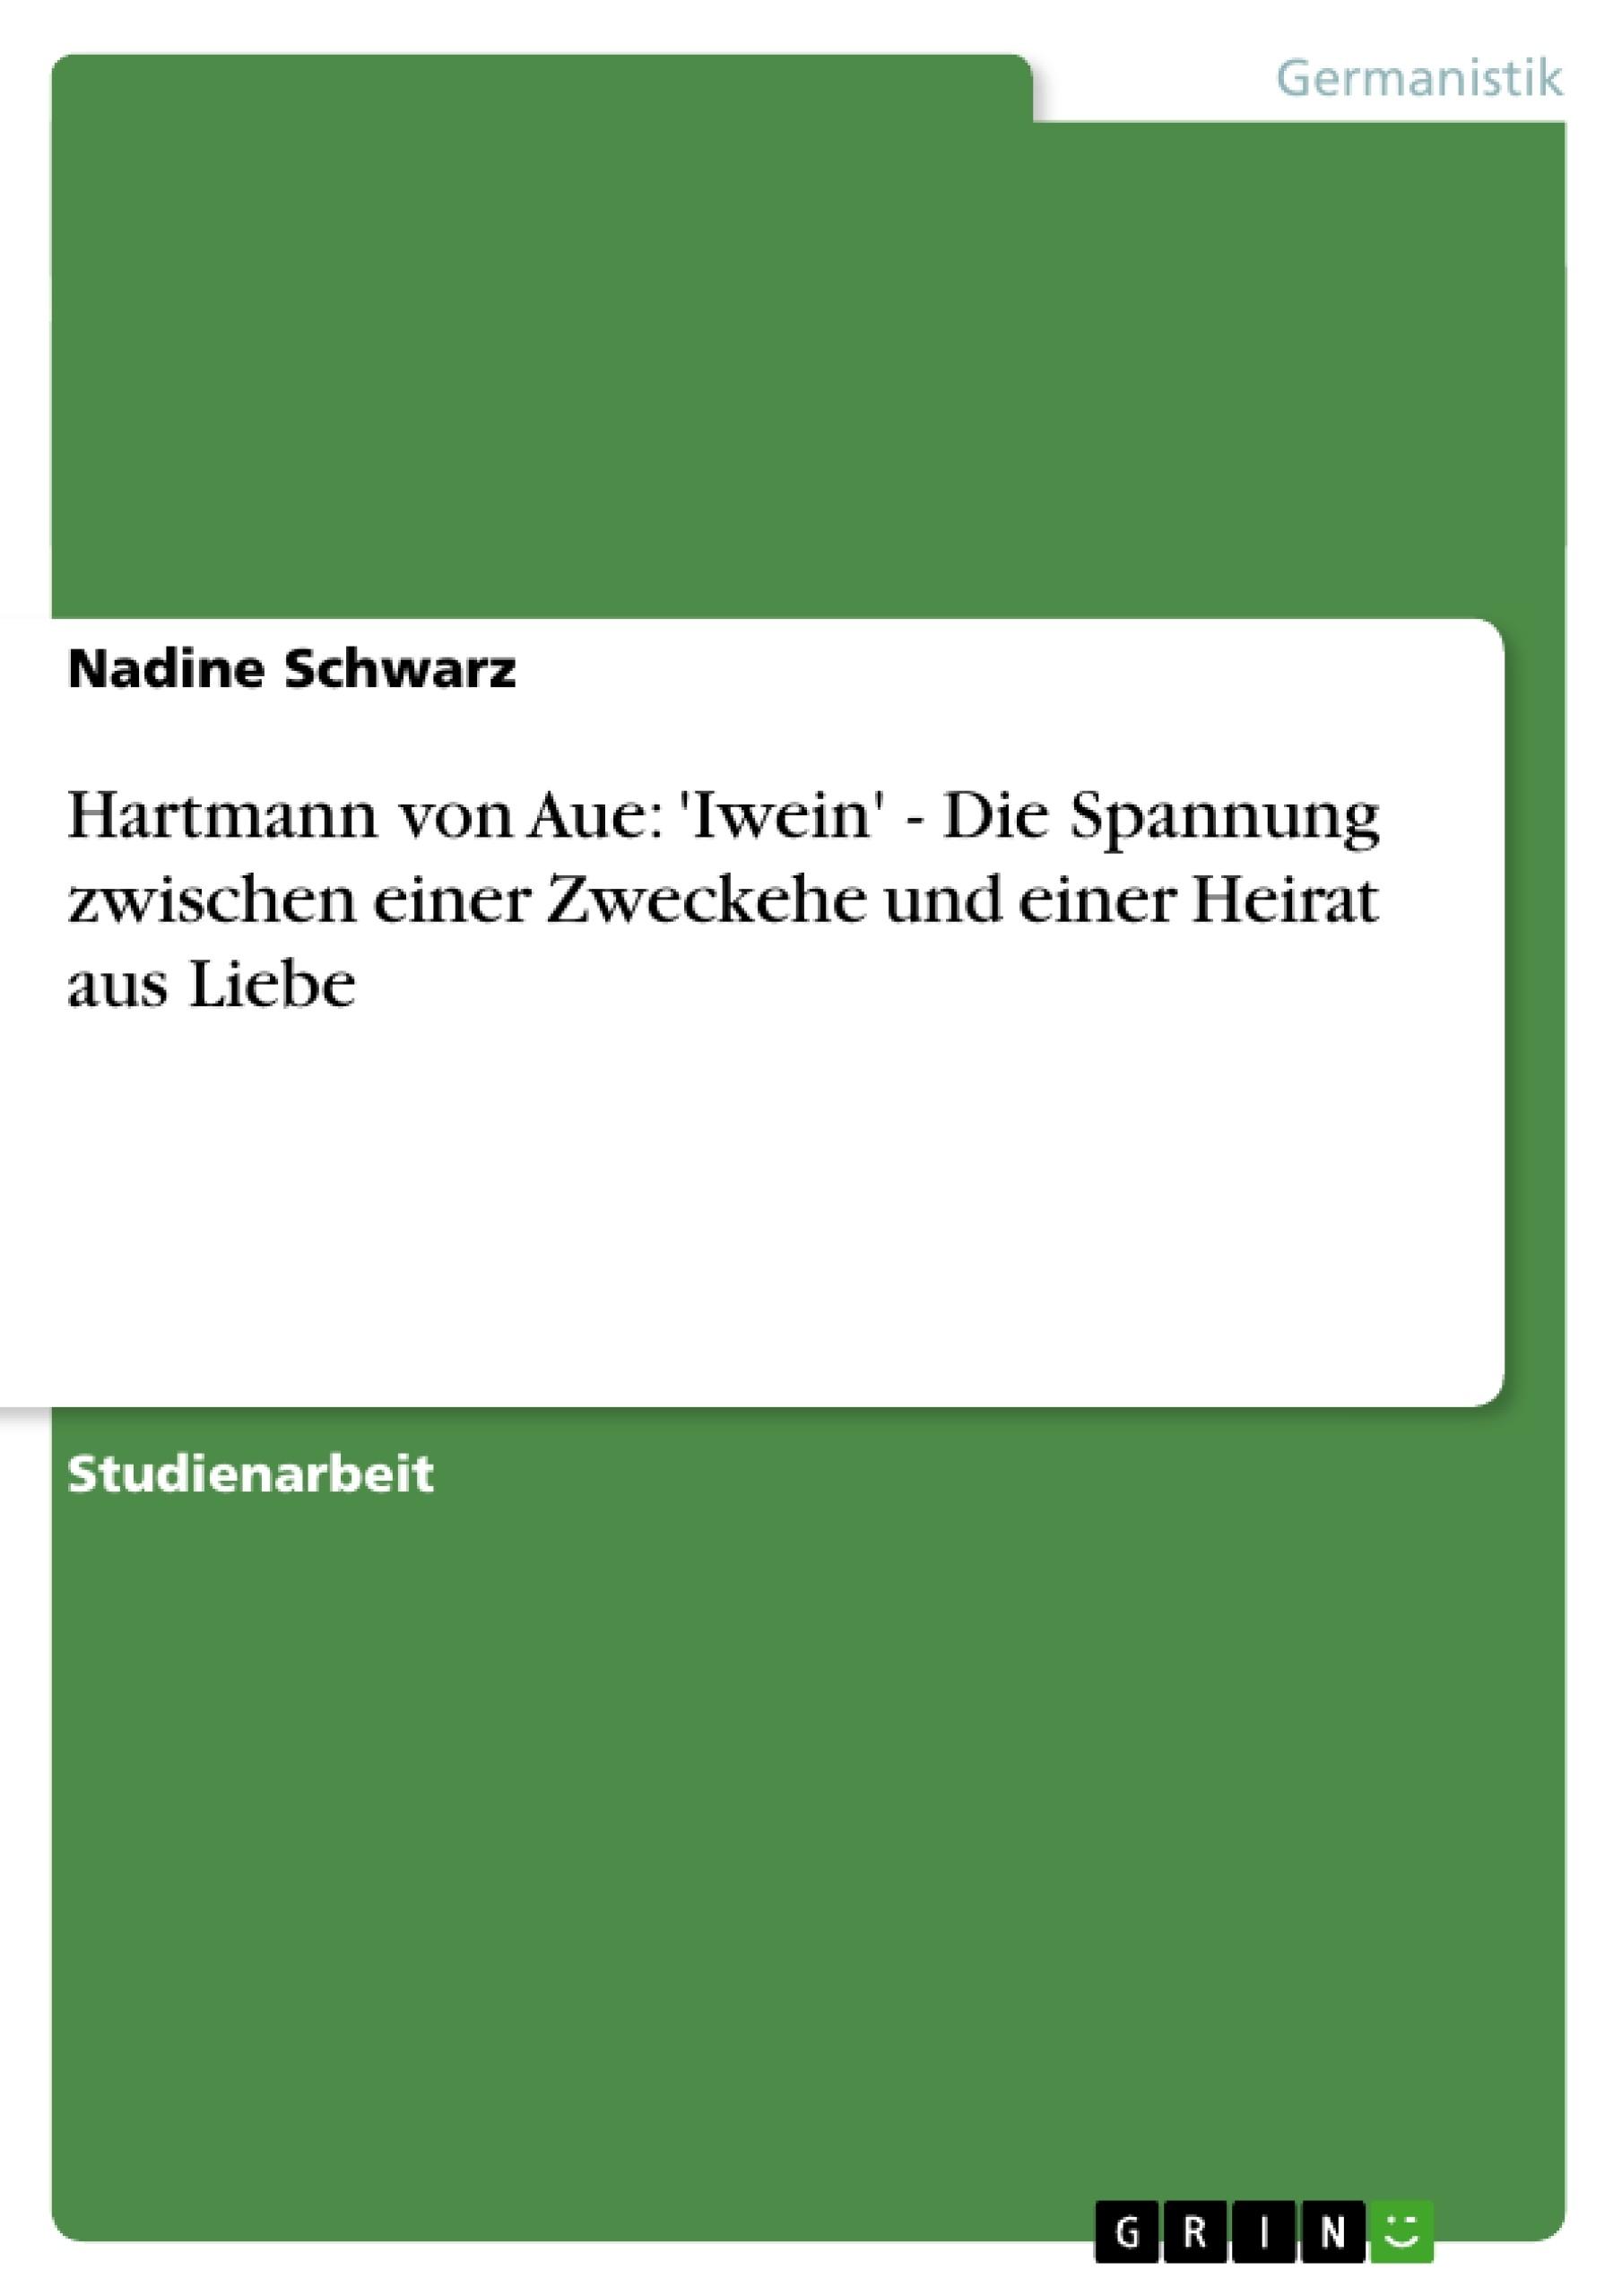 Titel: Hartmann von Aue: 'Iwein' - Die Spannung zwischen einer Zweckehe und einer Heirat aus Liebe